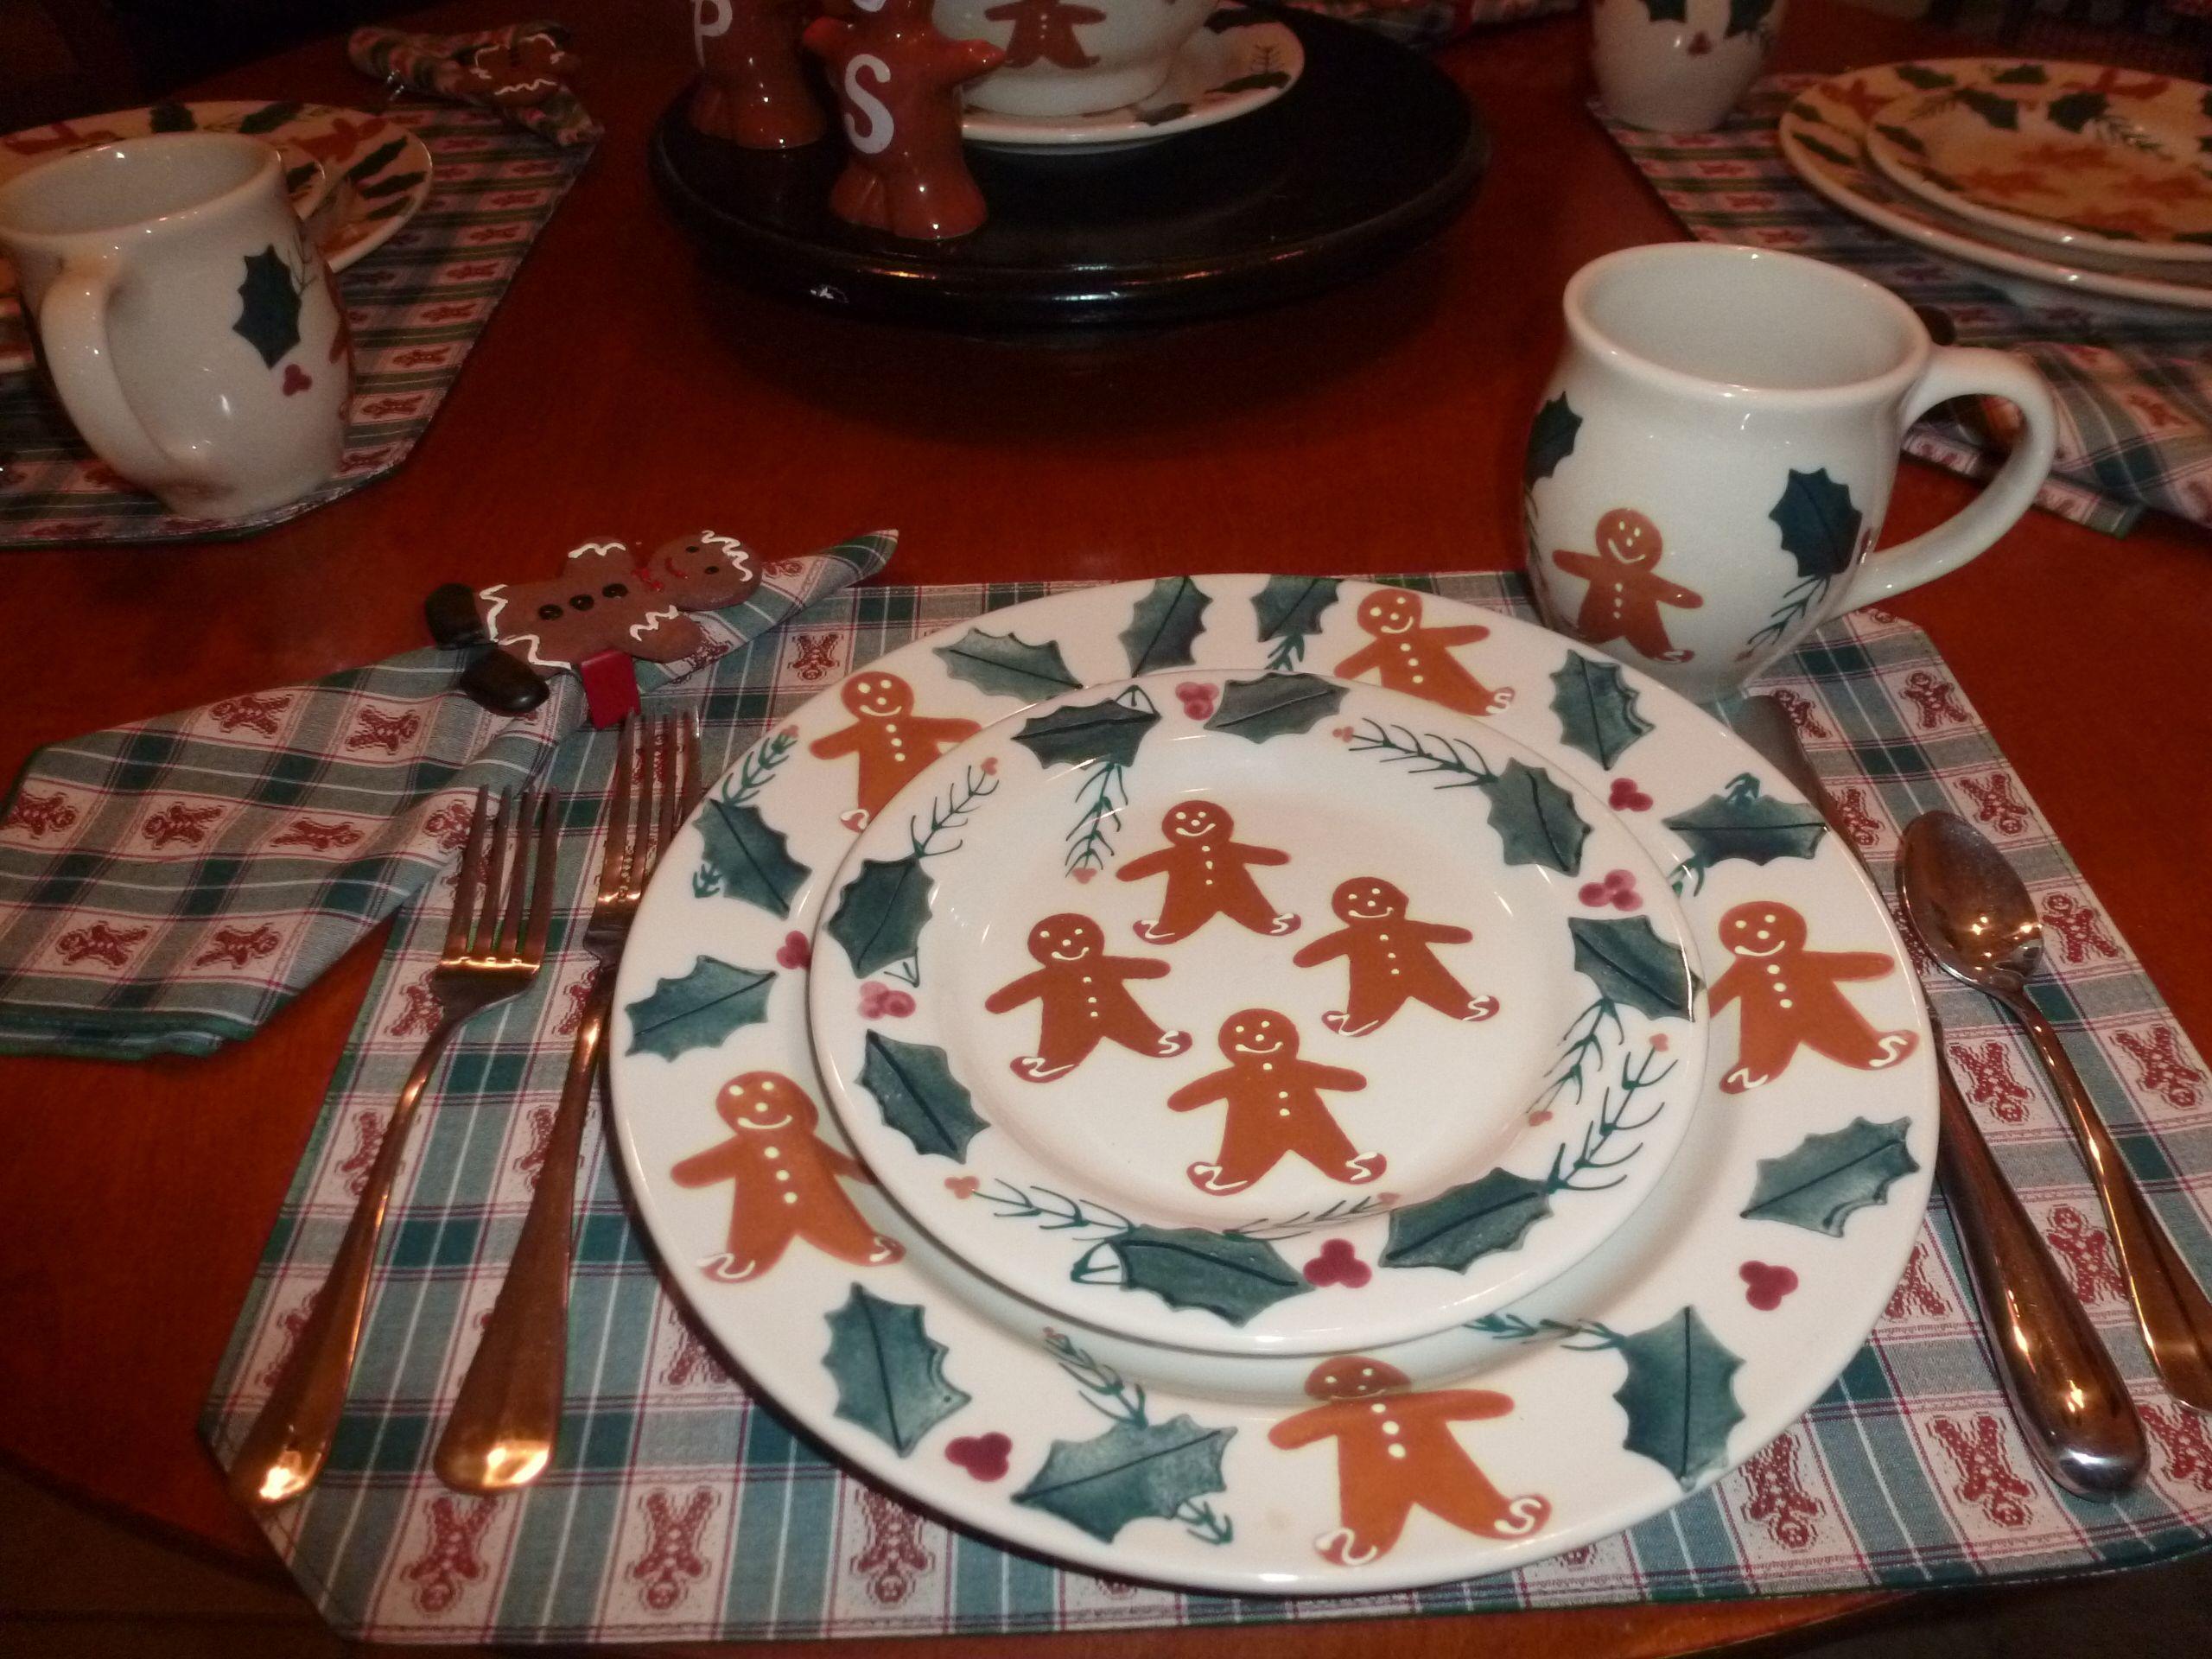 Gingerbread men by Hartstone & Gingerbread men by Hartstone   A-Christmas Gingerbread ideas ...